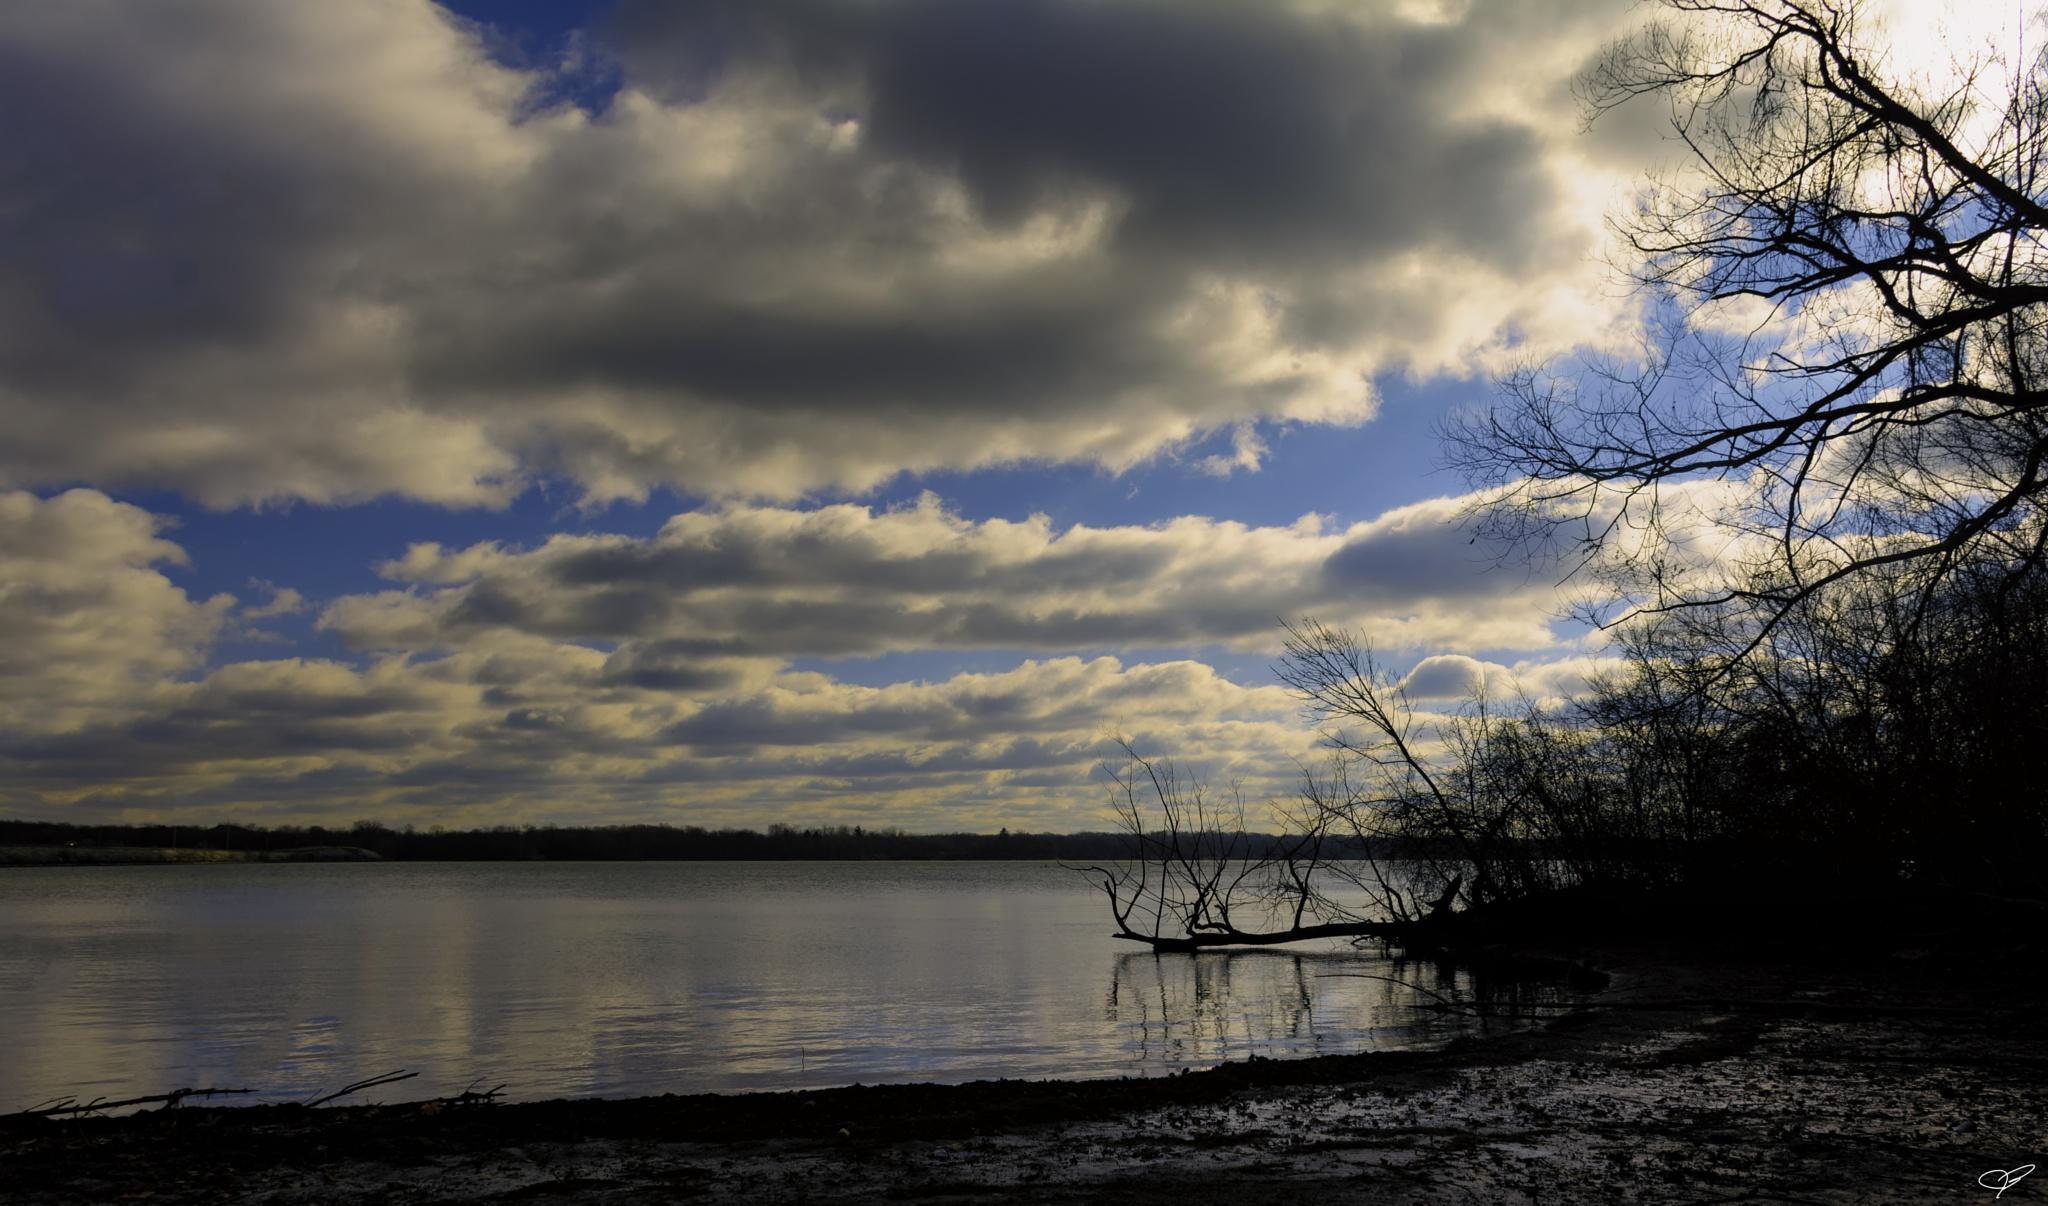 Morning on the lake by JohnBrake